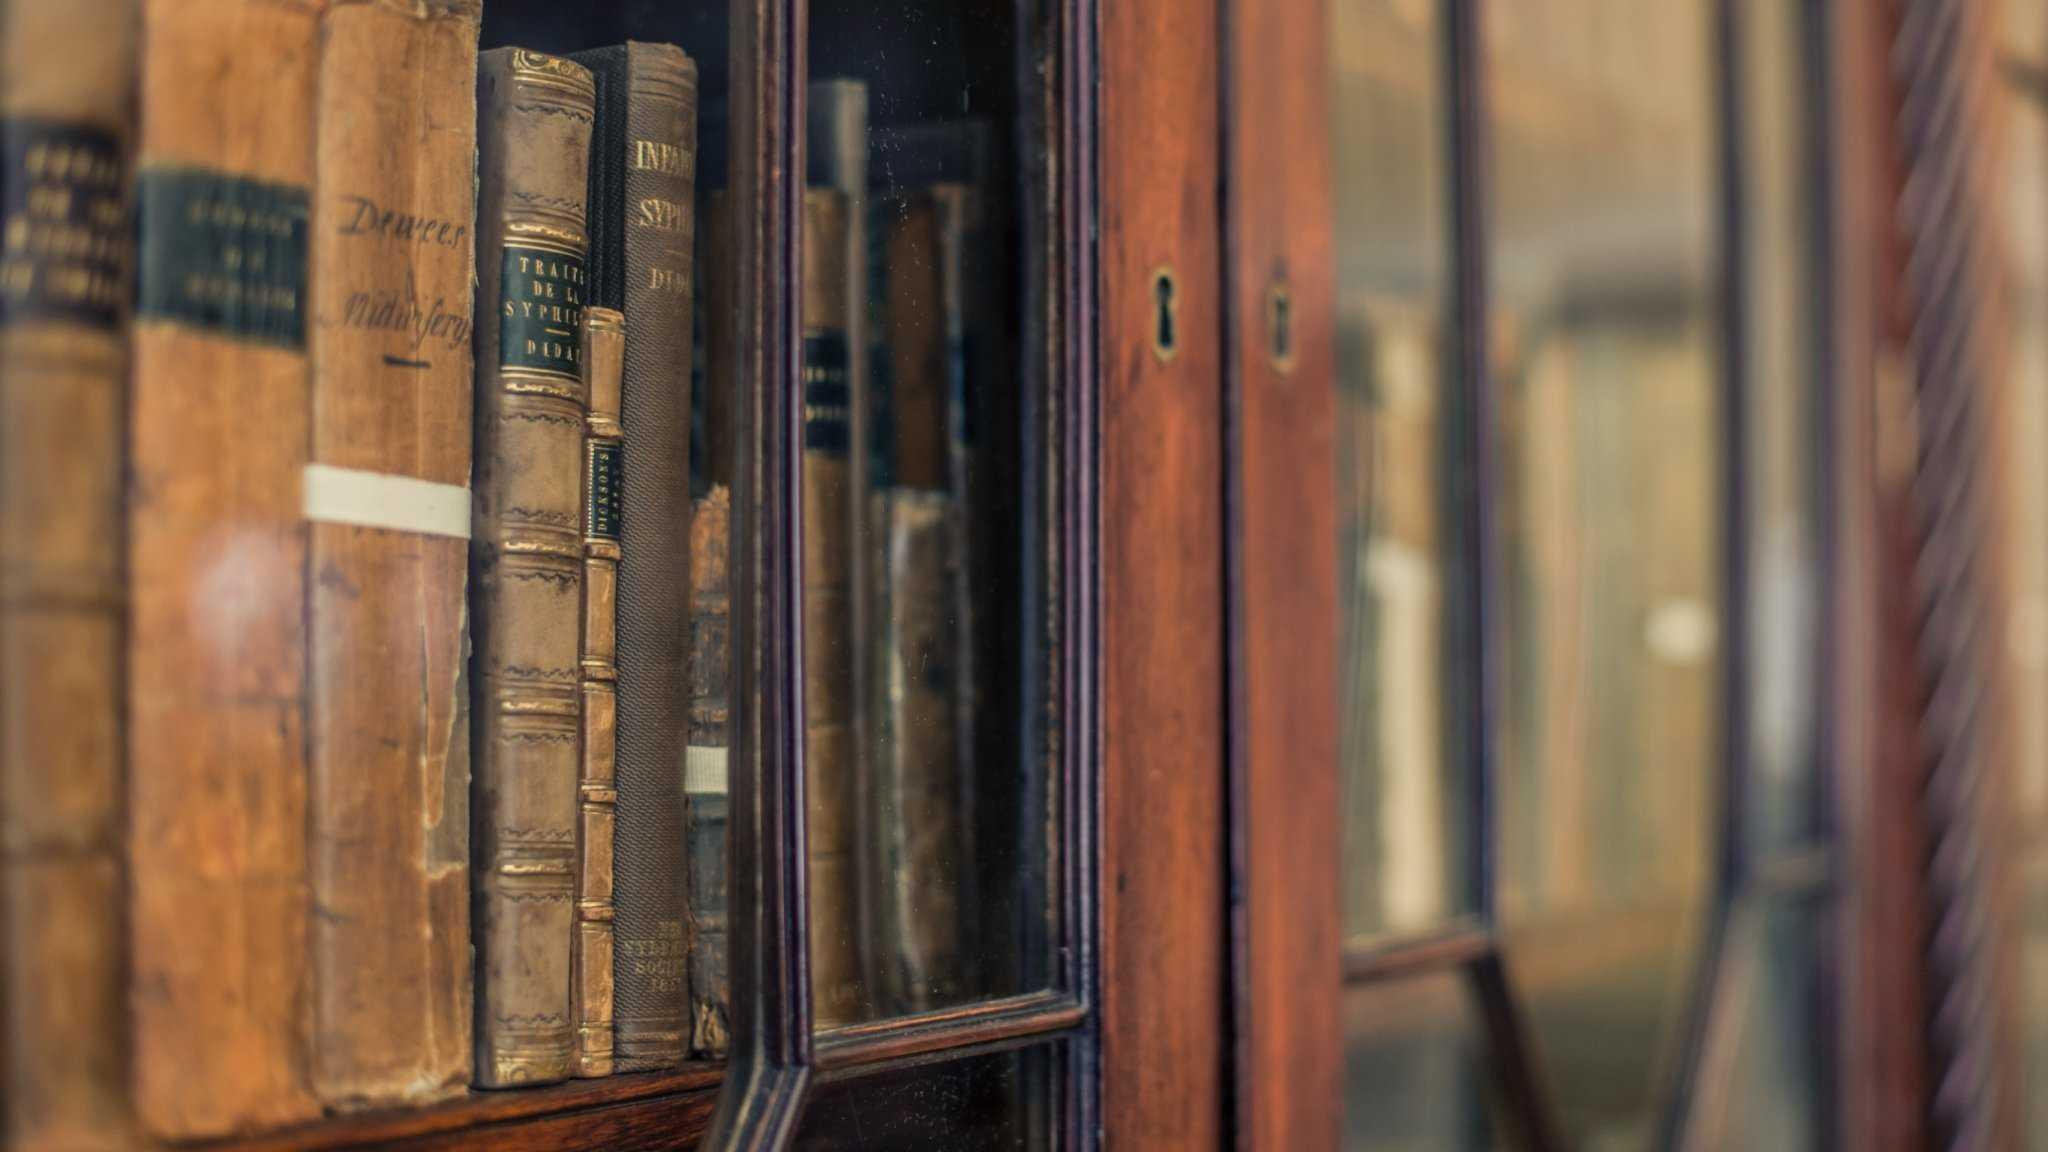 Duns Library